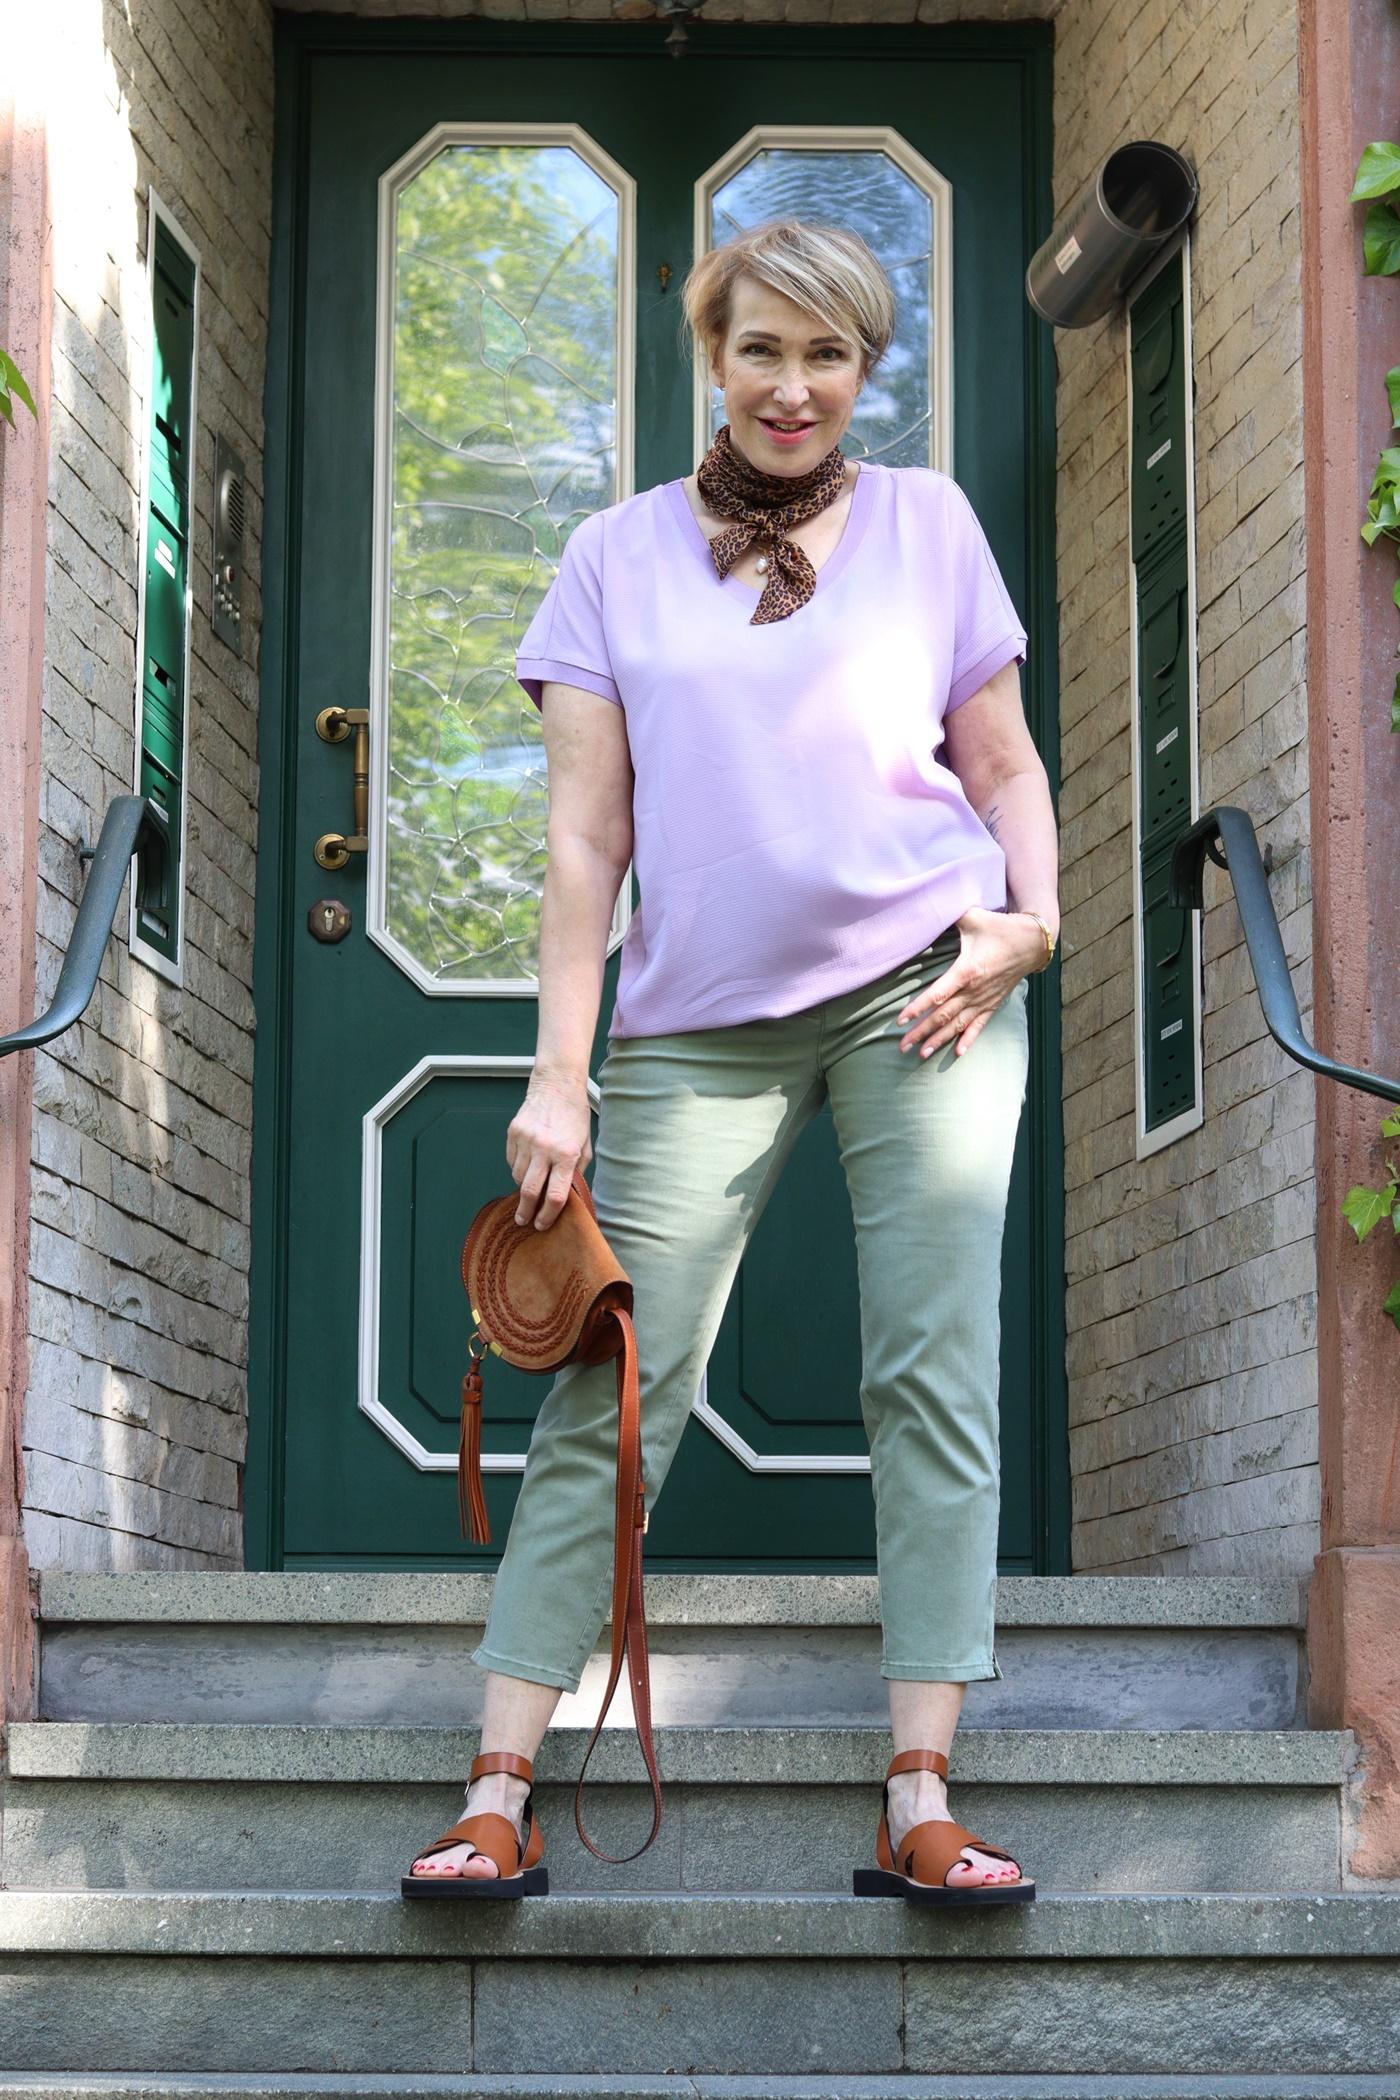 glamupyourlifestyle chino-hose Sommer-Outfit ue-40-mode ue-50-blog